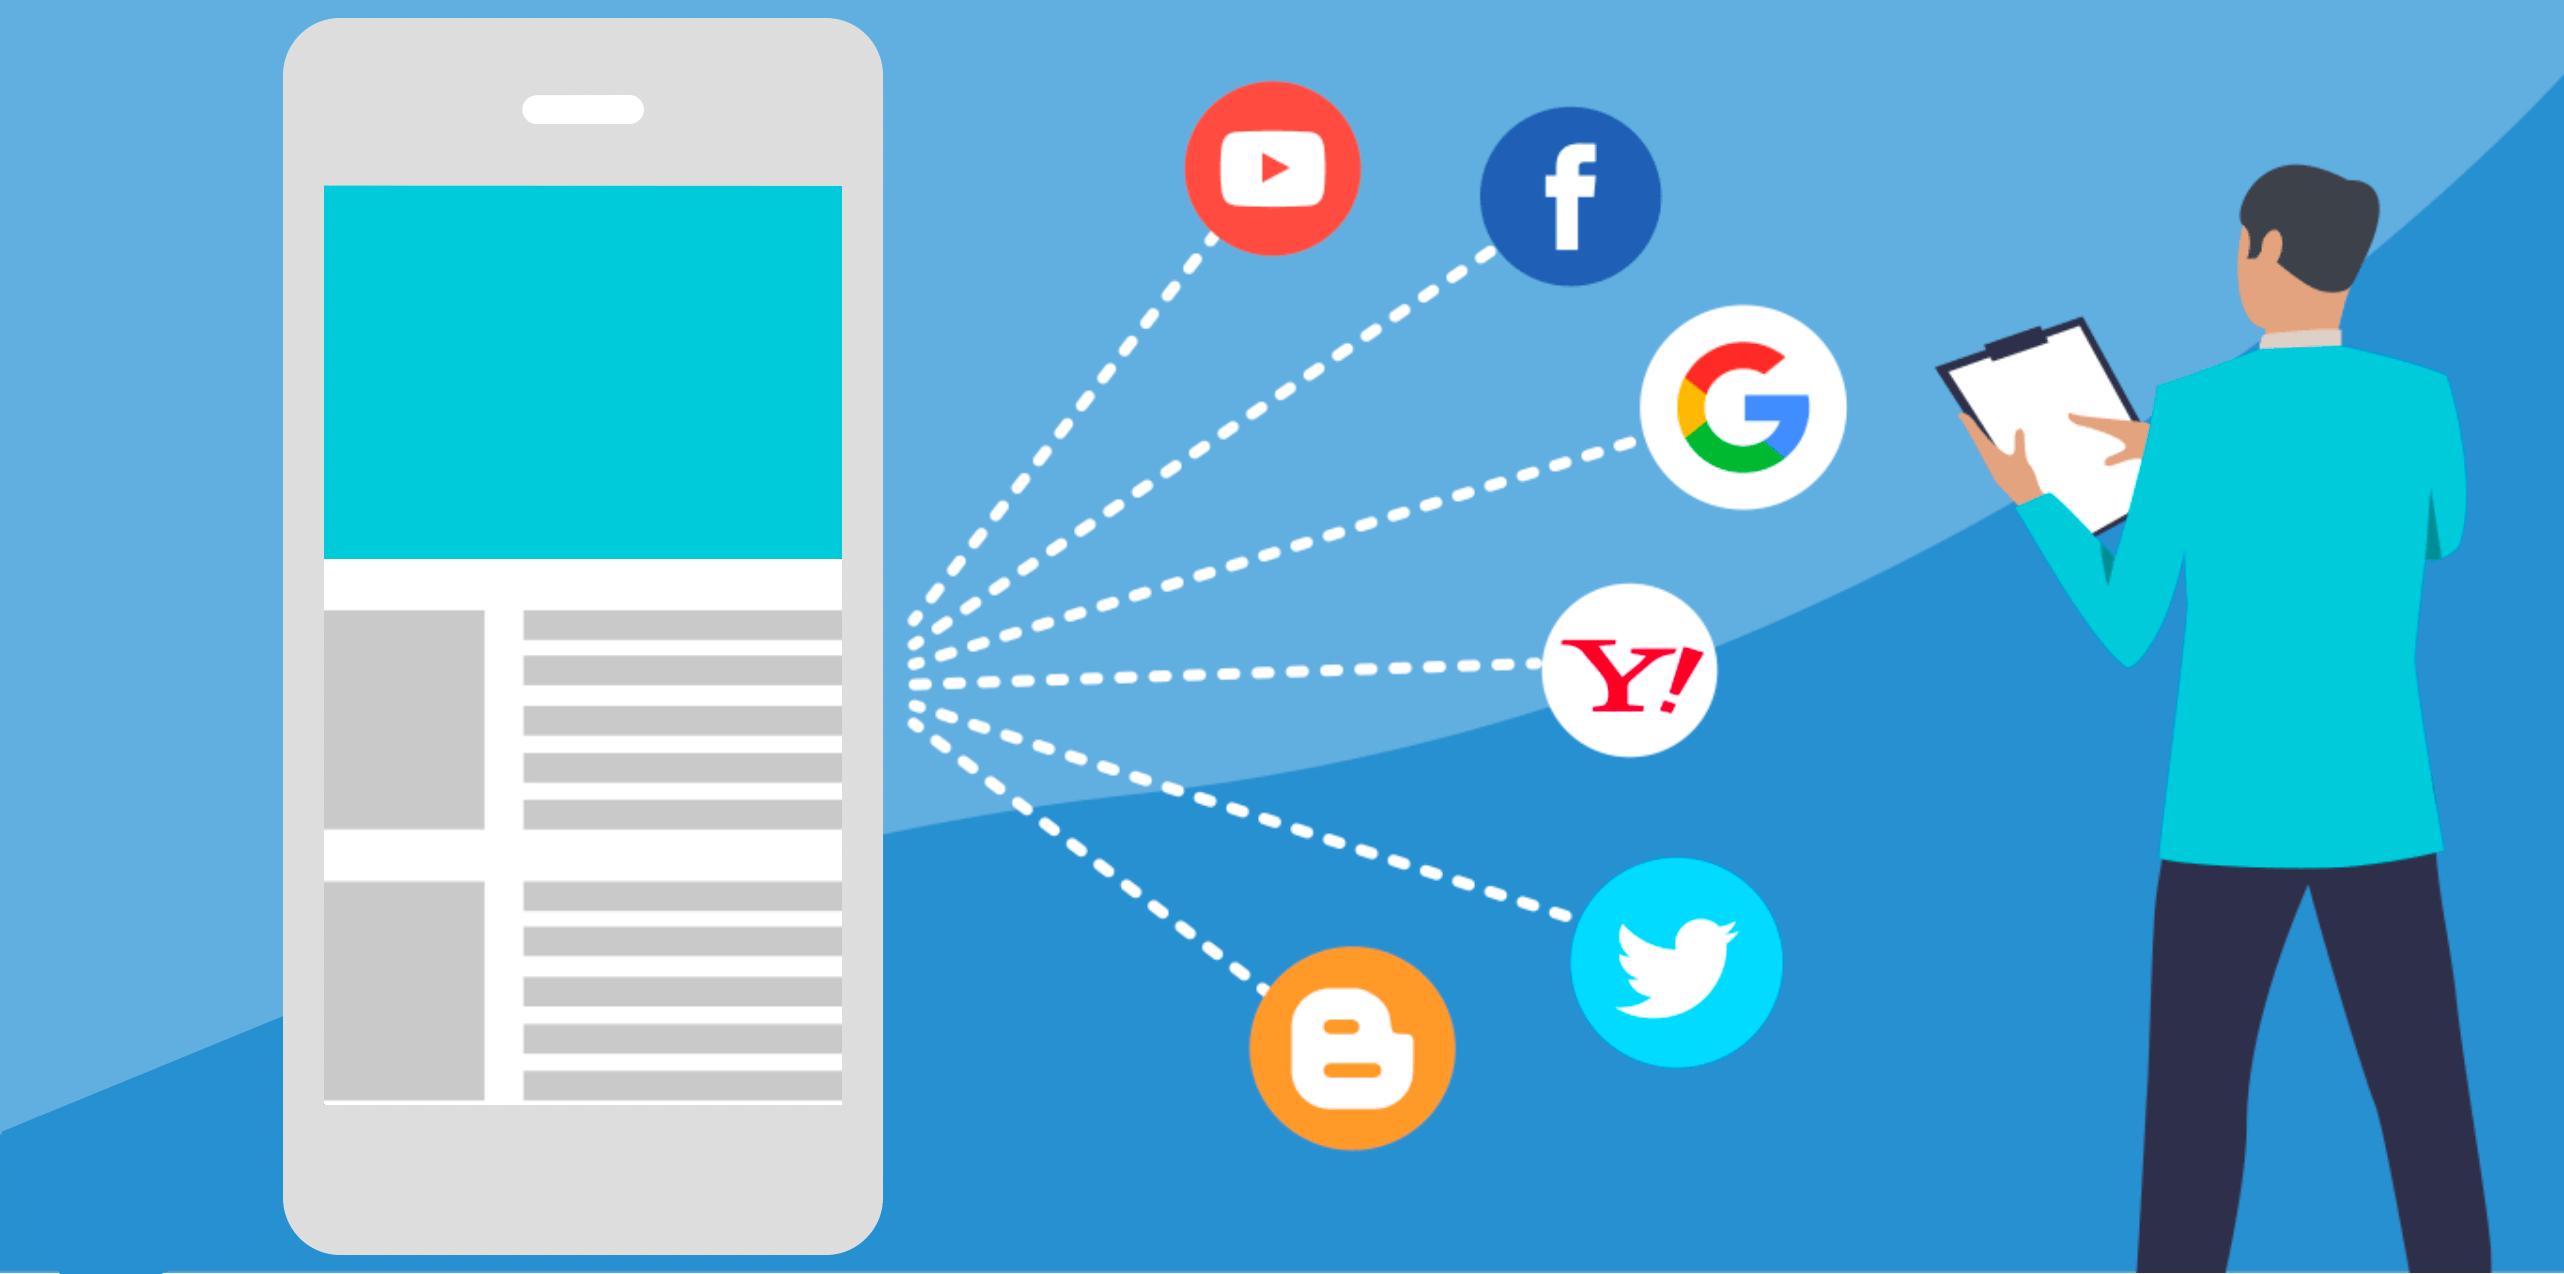 アプリ向けプライバシー調査サービスの提供を開始しました